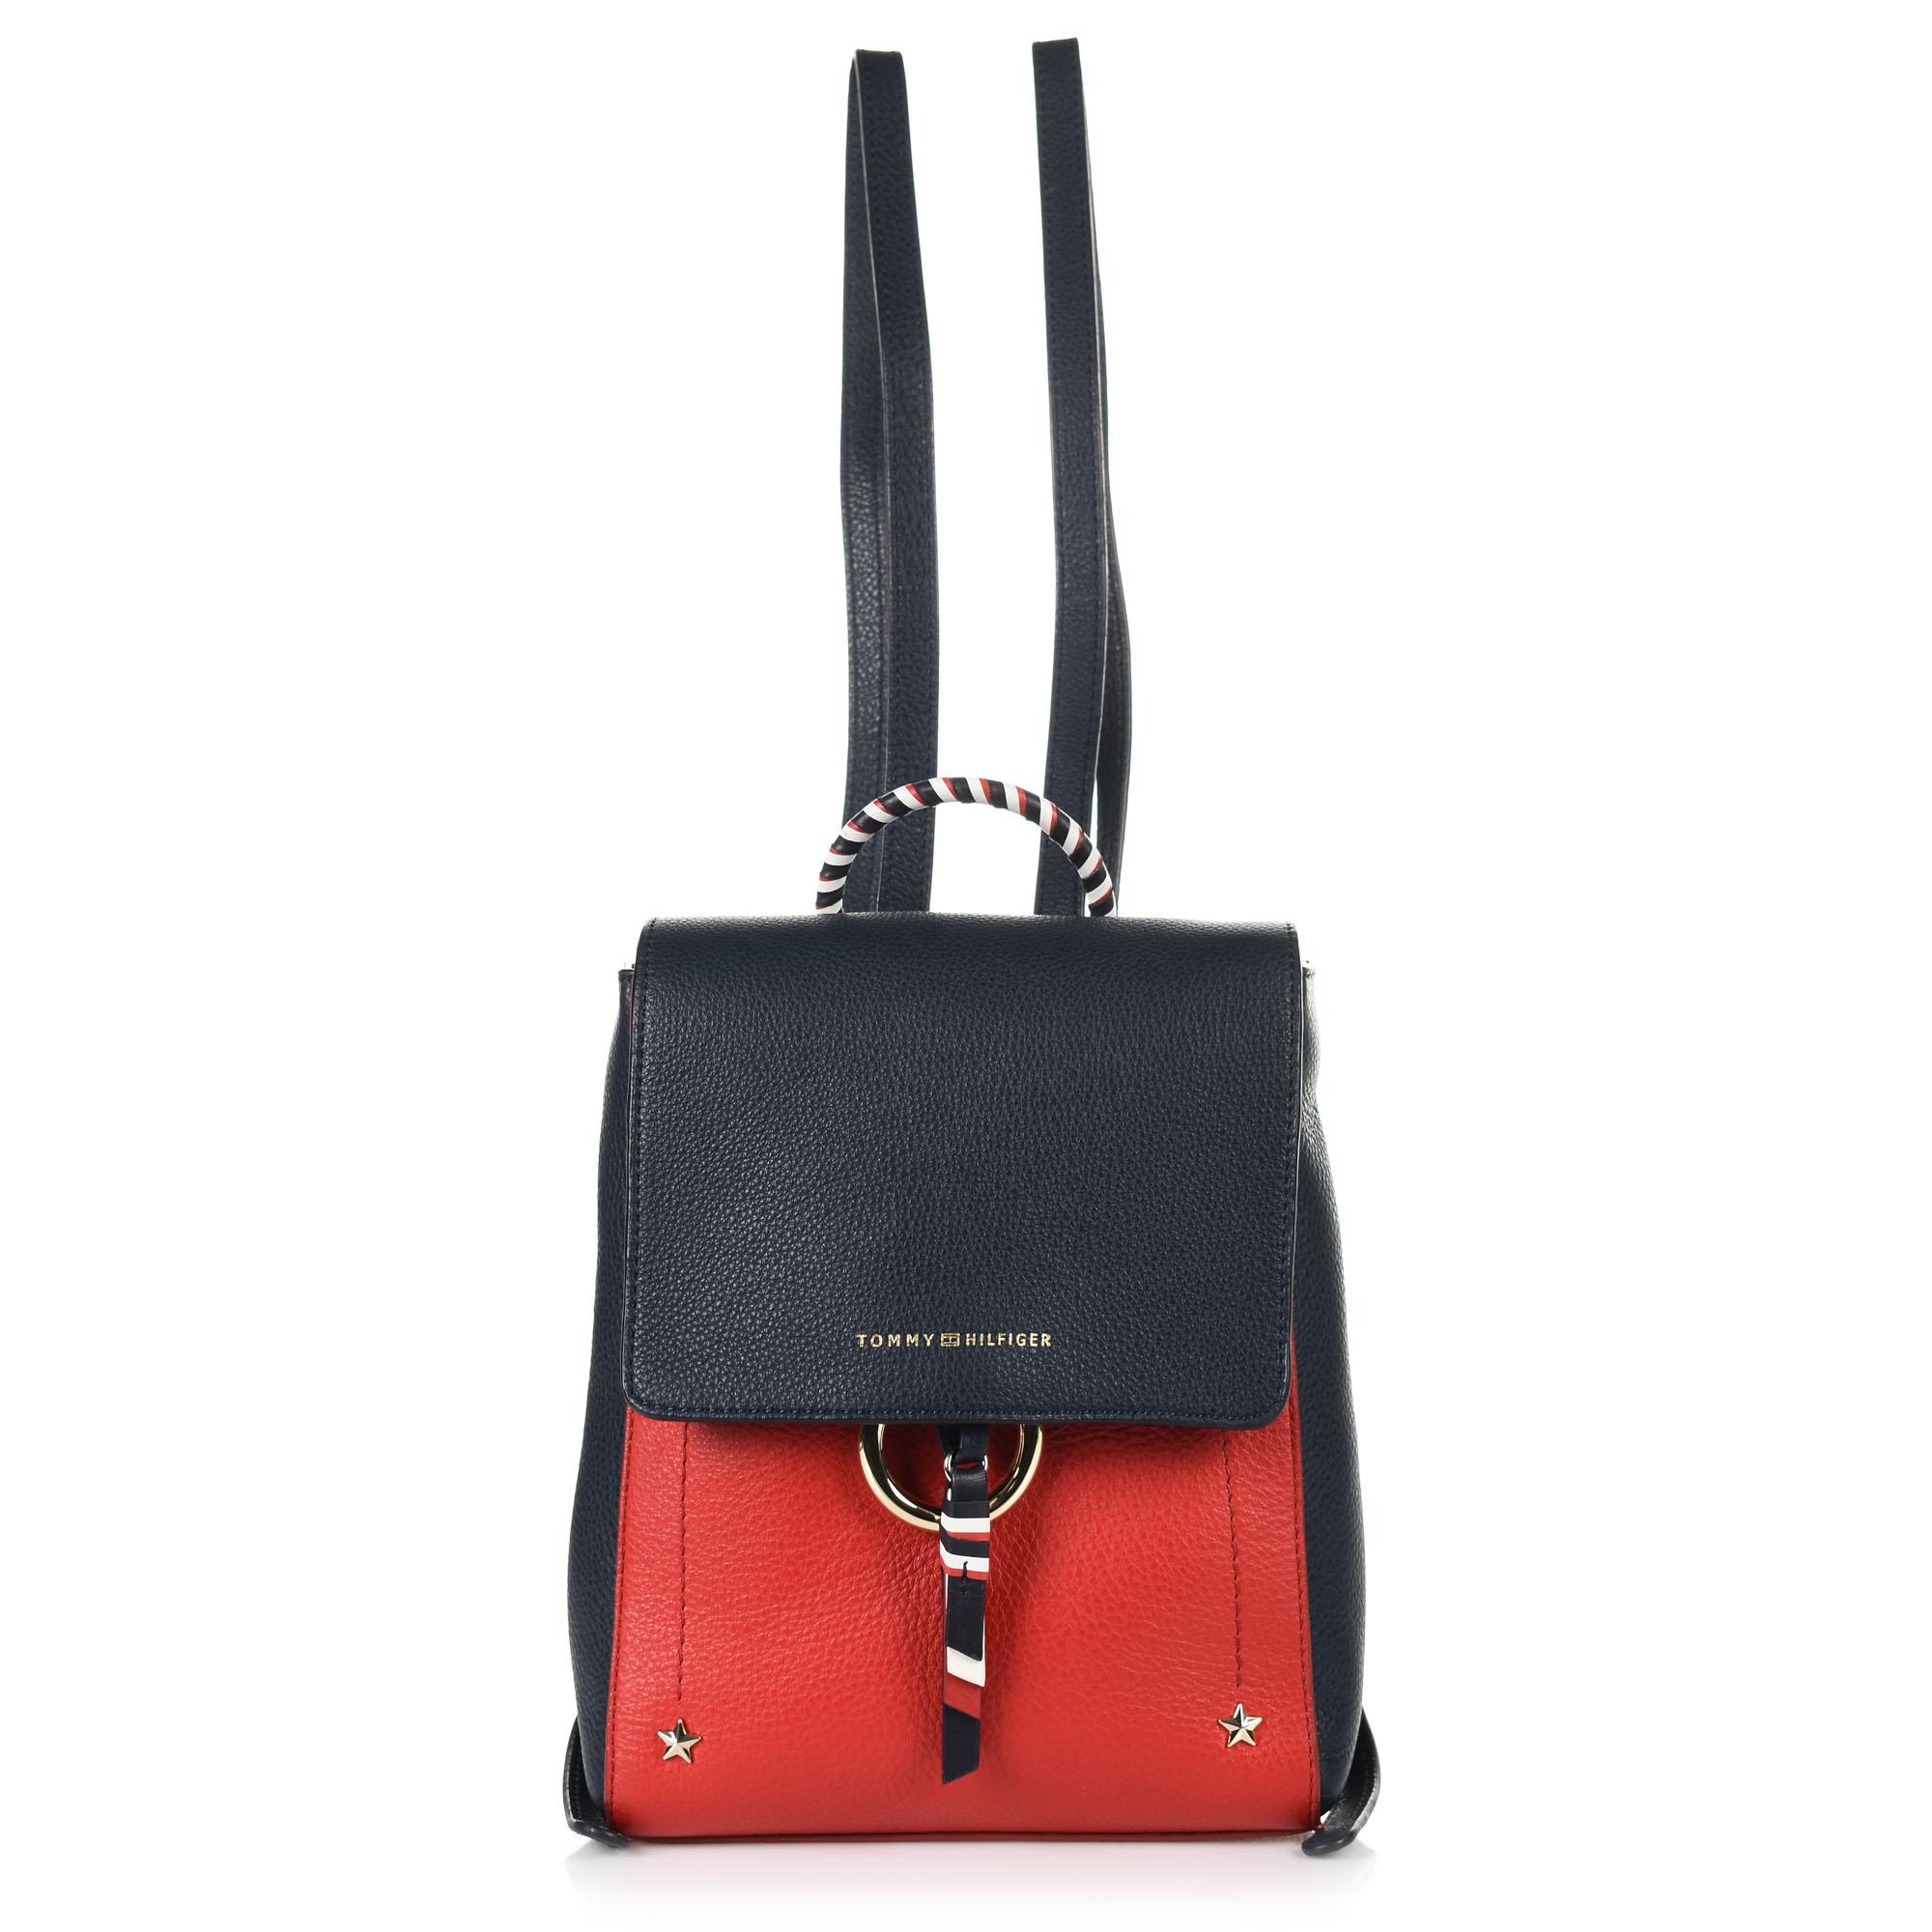 Δερμάτινο Σακίδιο Πλάτης Tommy Hilfiger Heritage Leather Backpack AW0AW06250 γυναικα   γυναικεία τσάντα